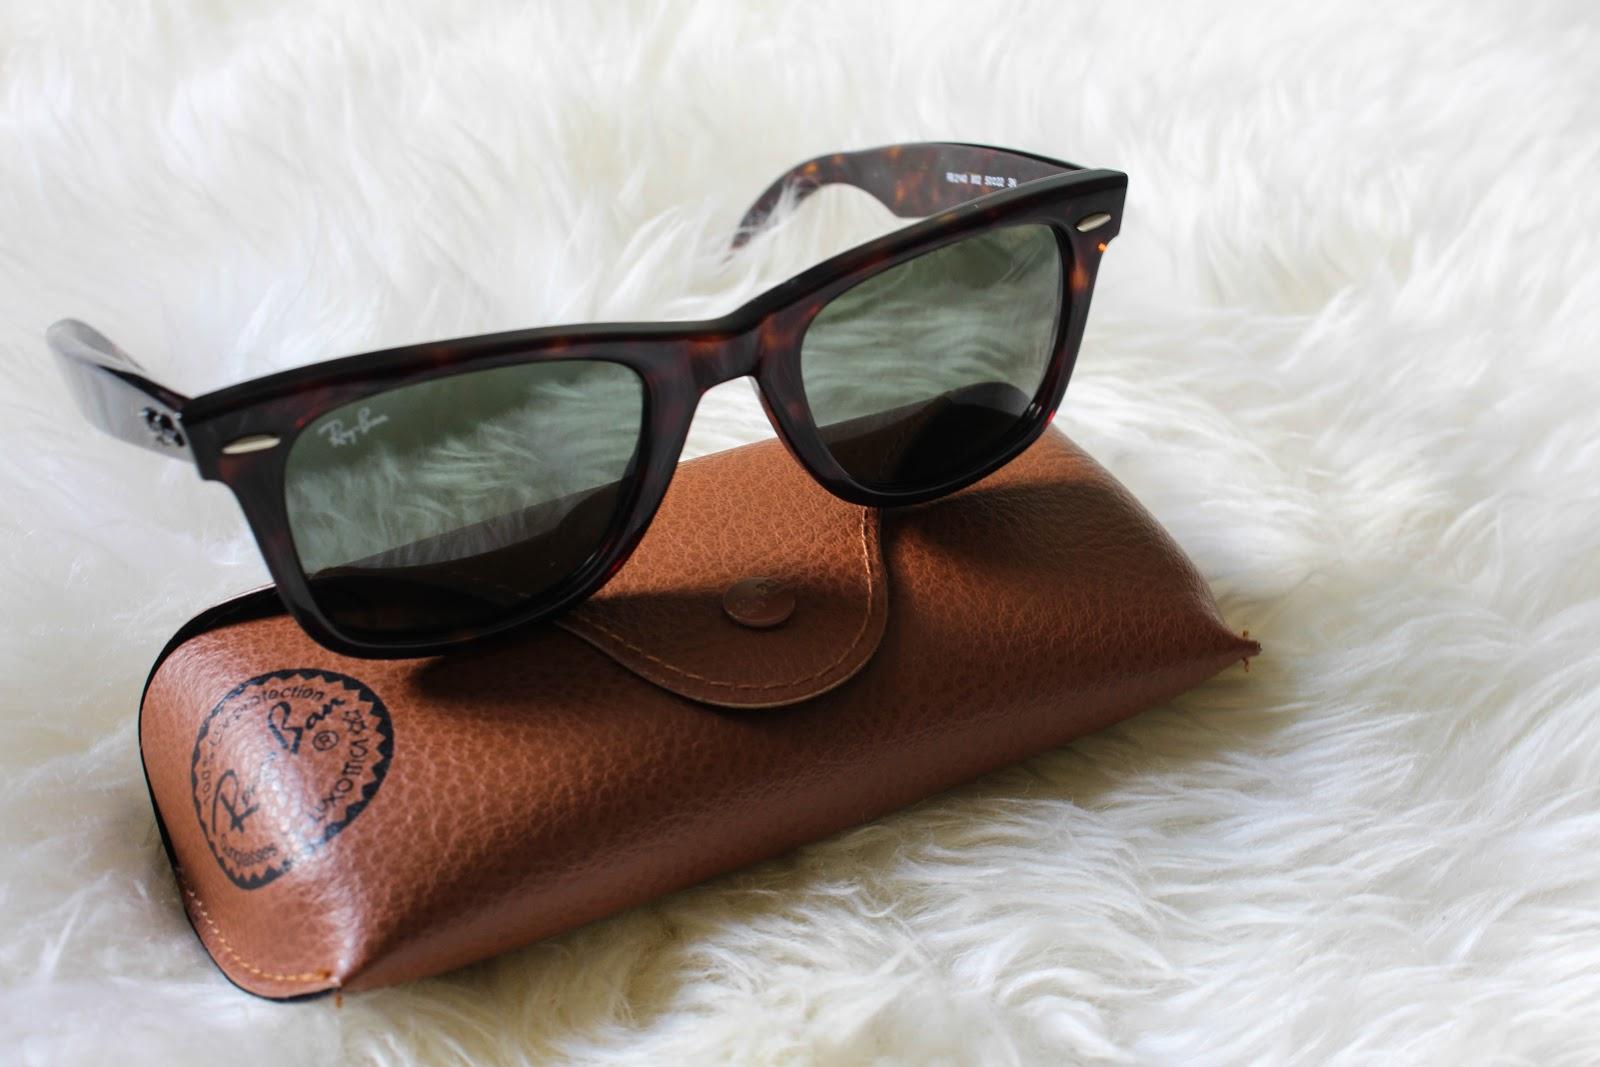 rayban wayfarer sunglasses, raybans, tortoiseshell sunglasses,